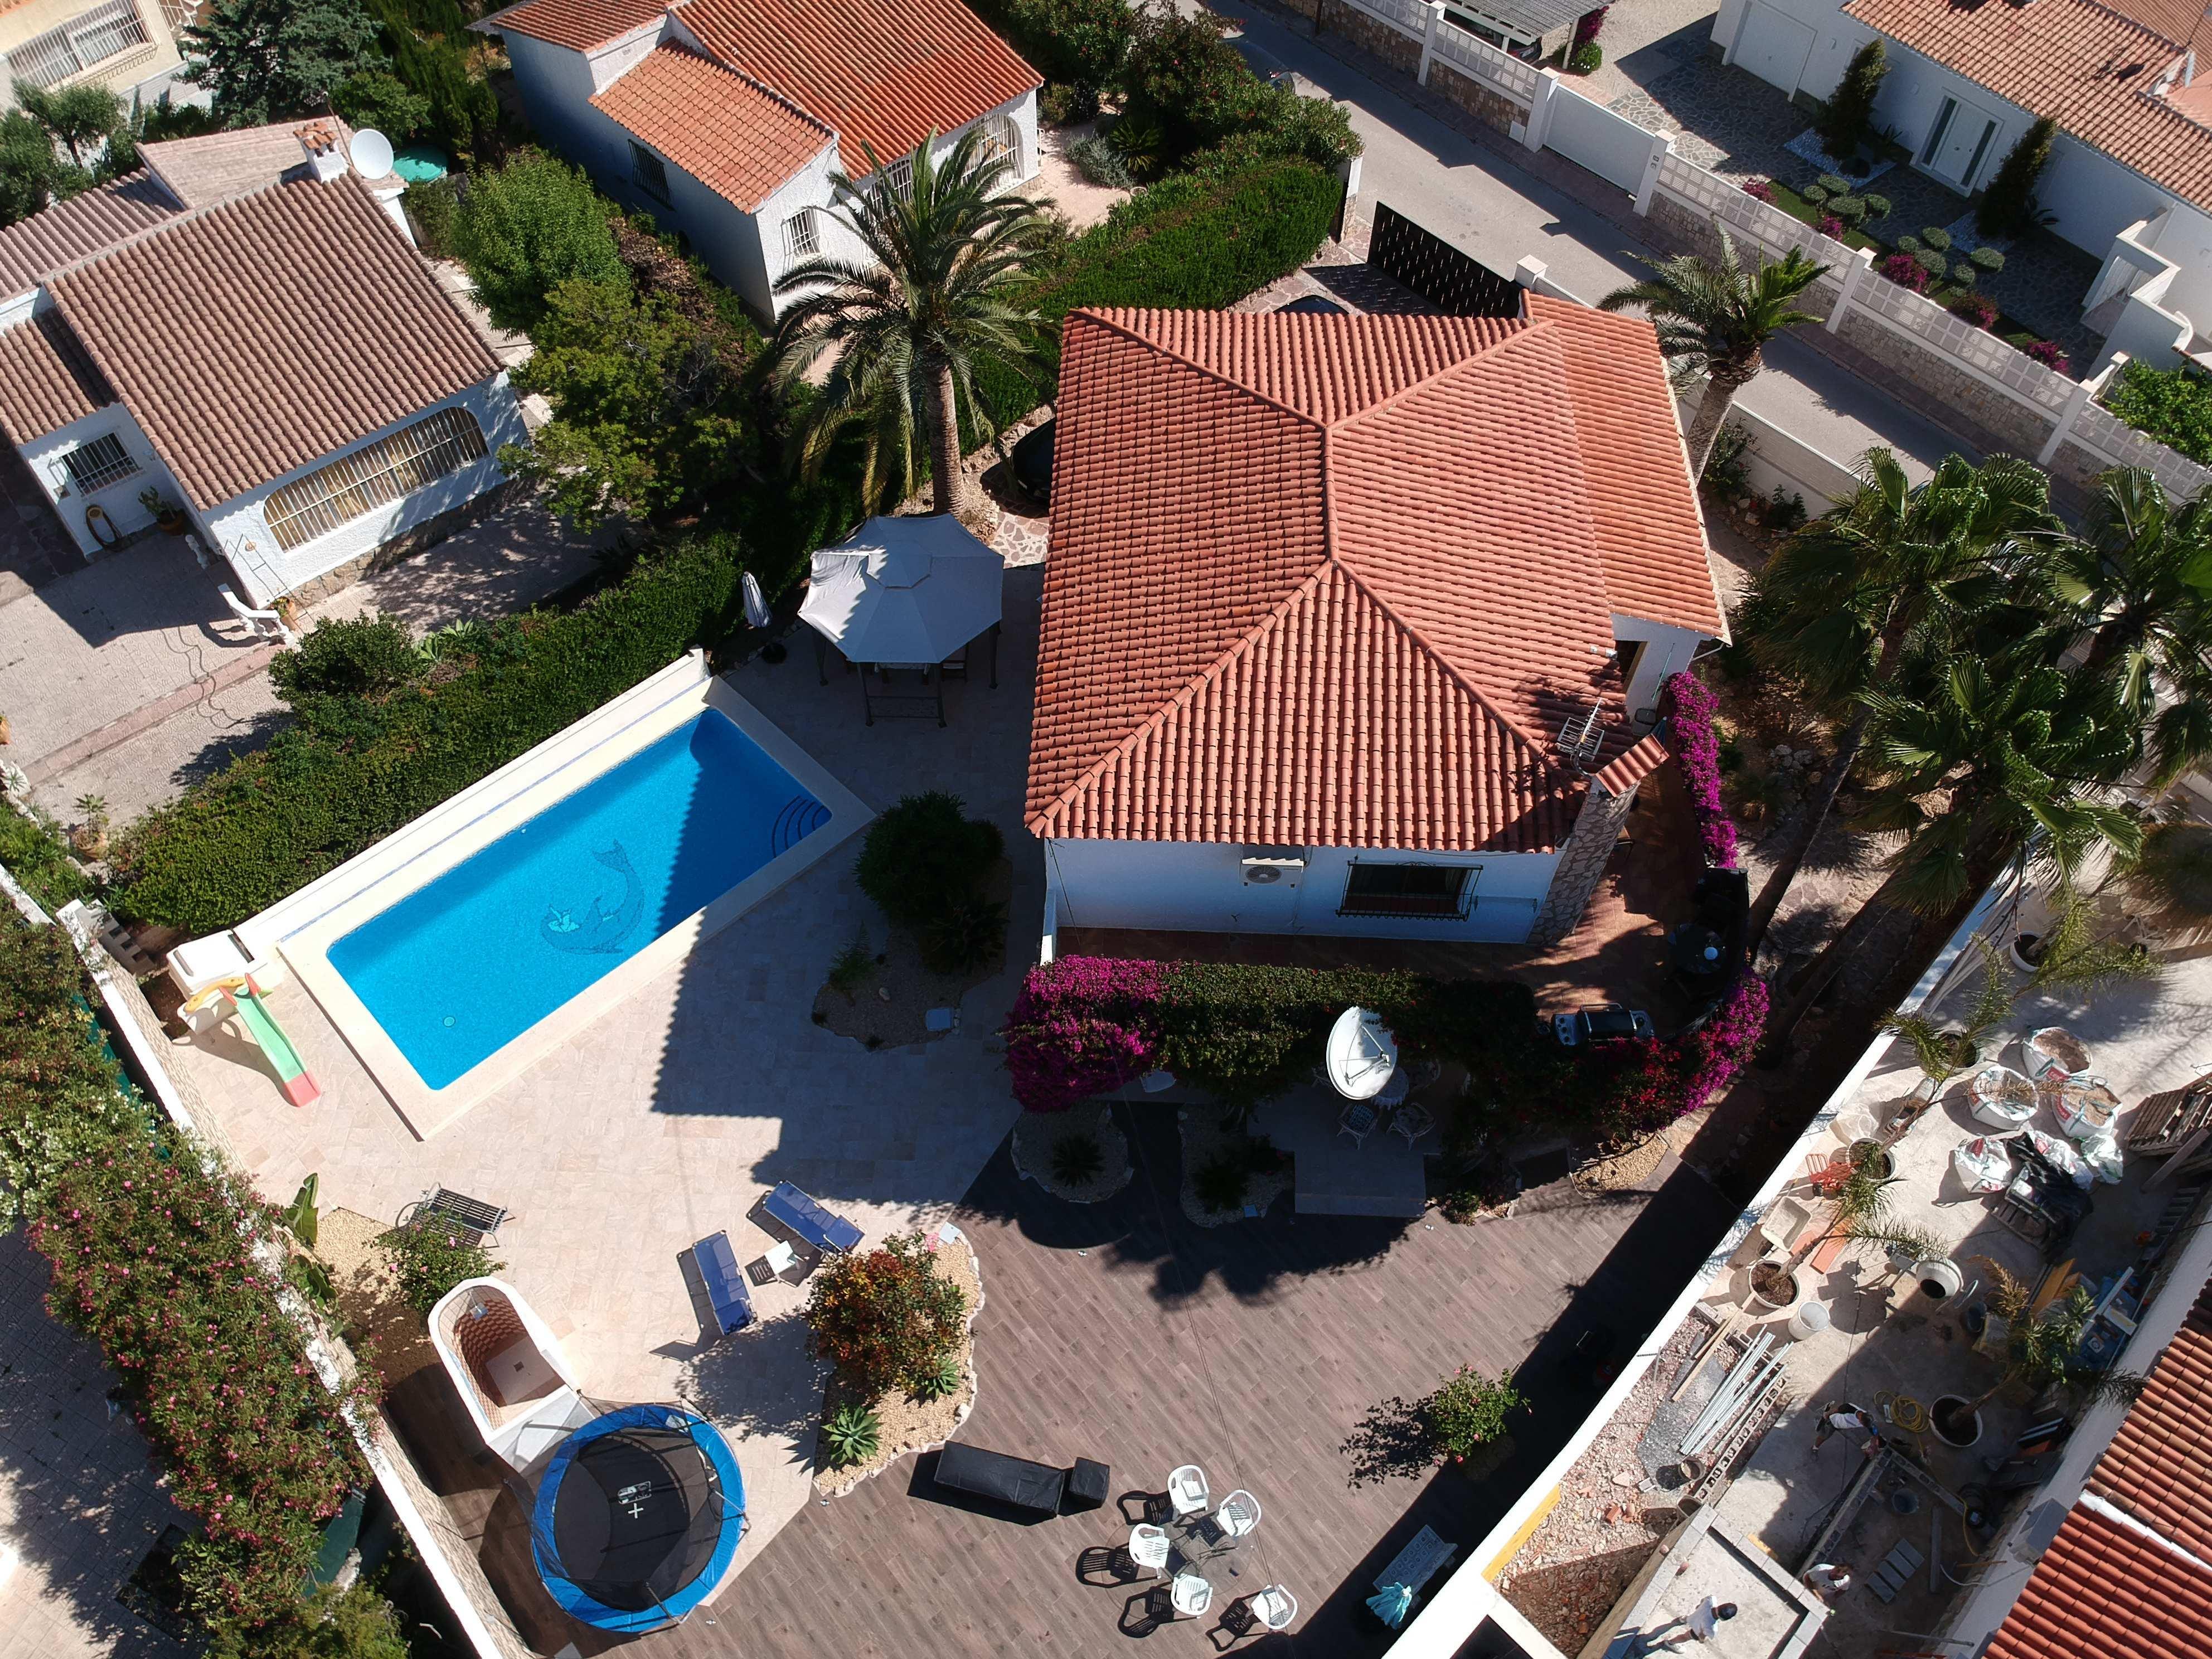 Espaciosa villa con vista al mar en venta en Calpe